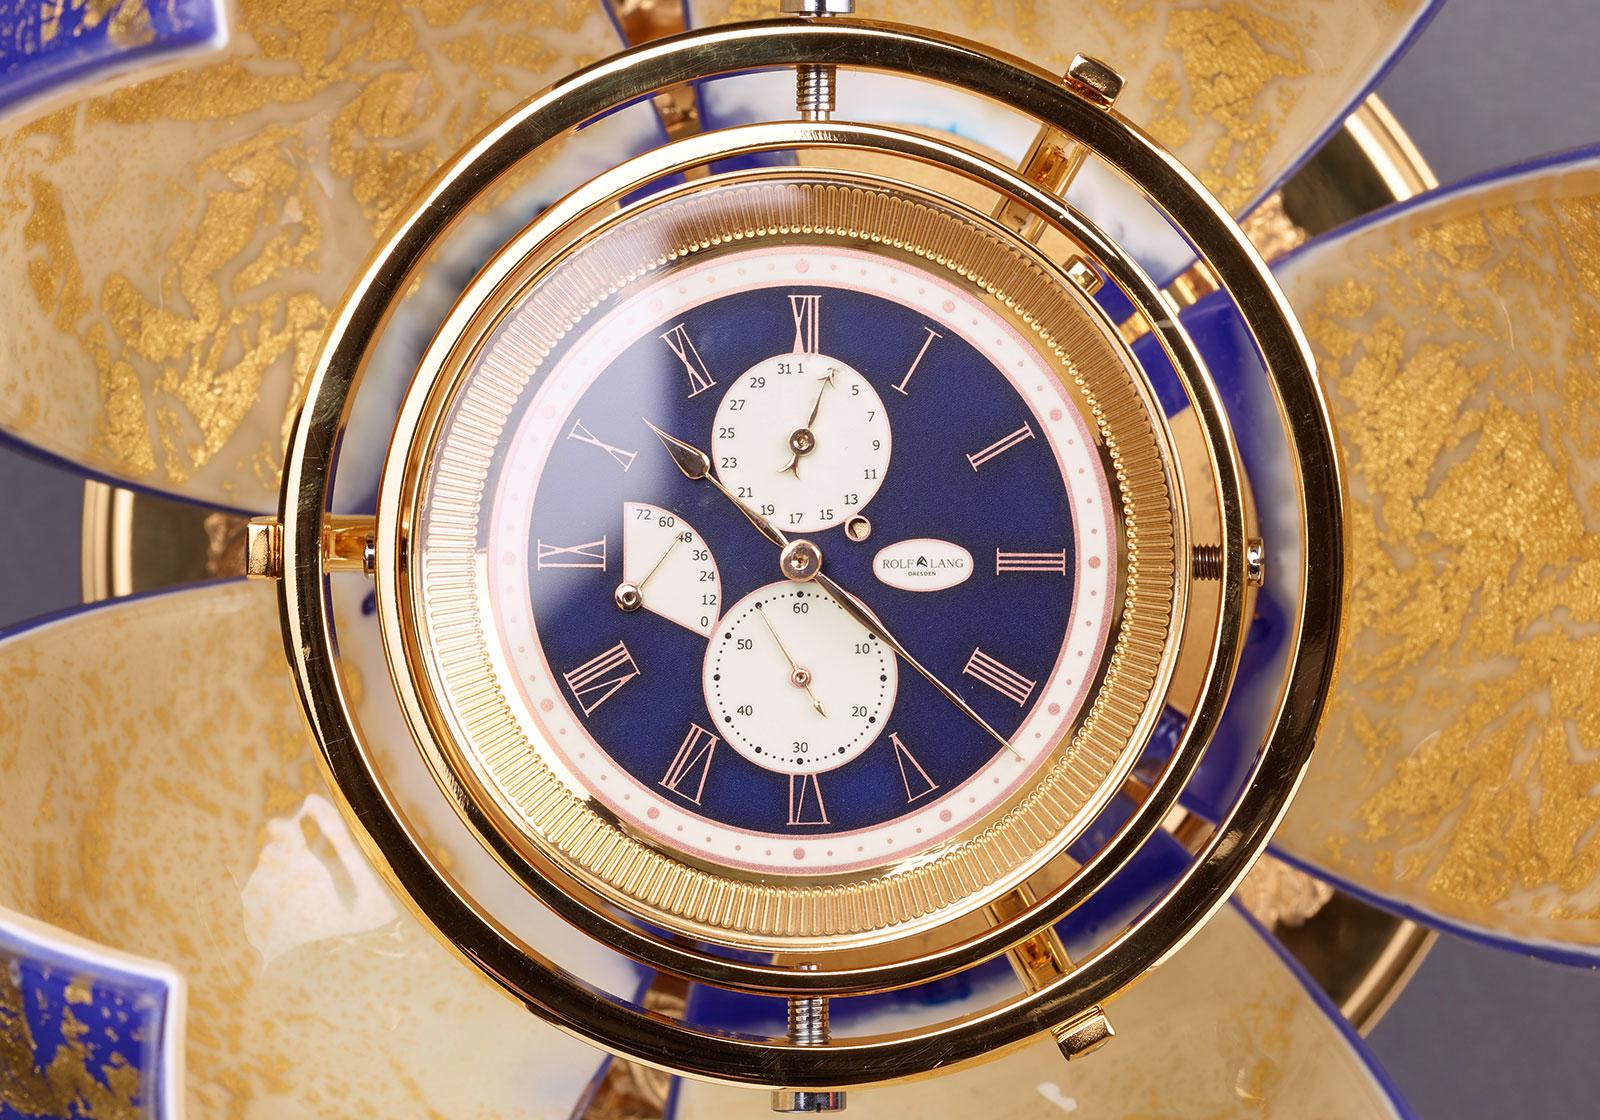 Rolf Lang Golden H marine chronometer 3